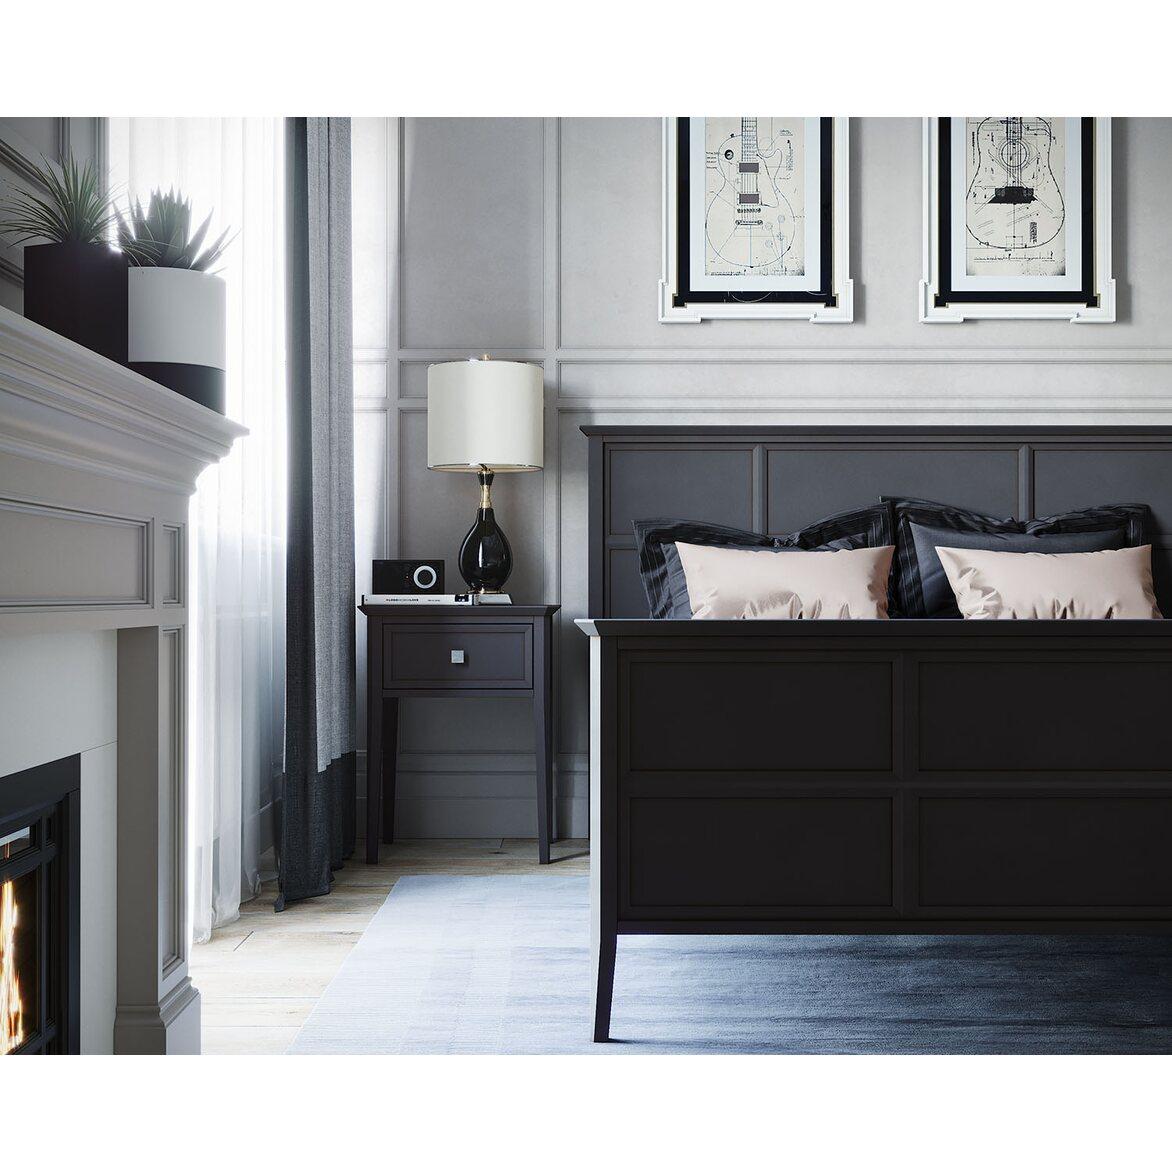 Шкаф трехстворчатый с ящиками Ellington, черный 5 | Платяные шкафы Kingsby